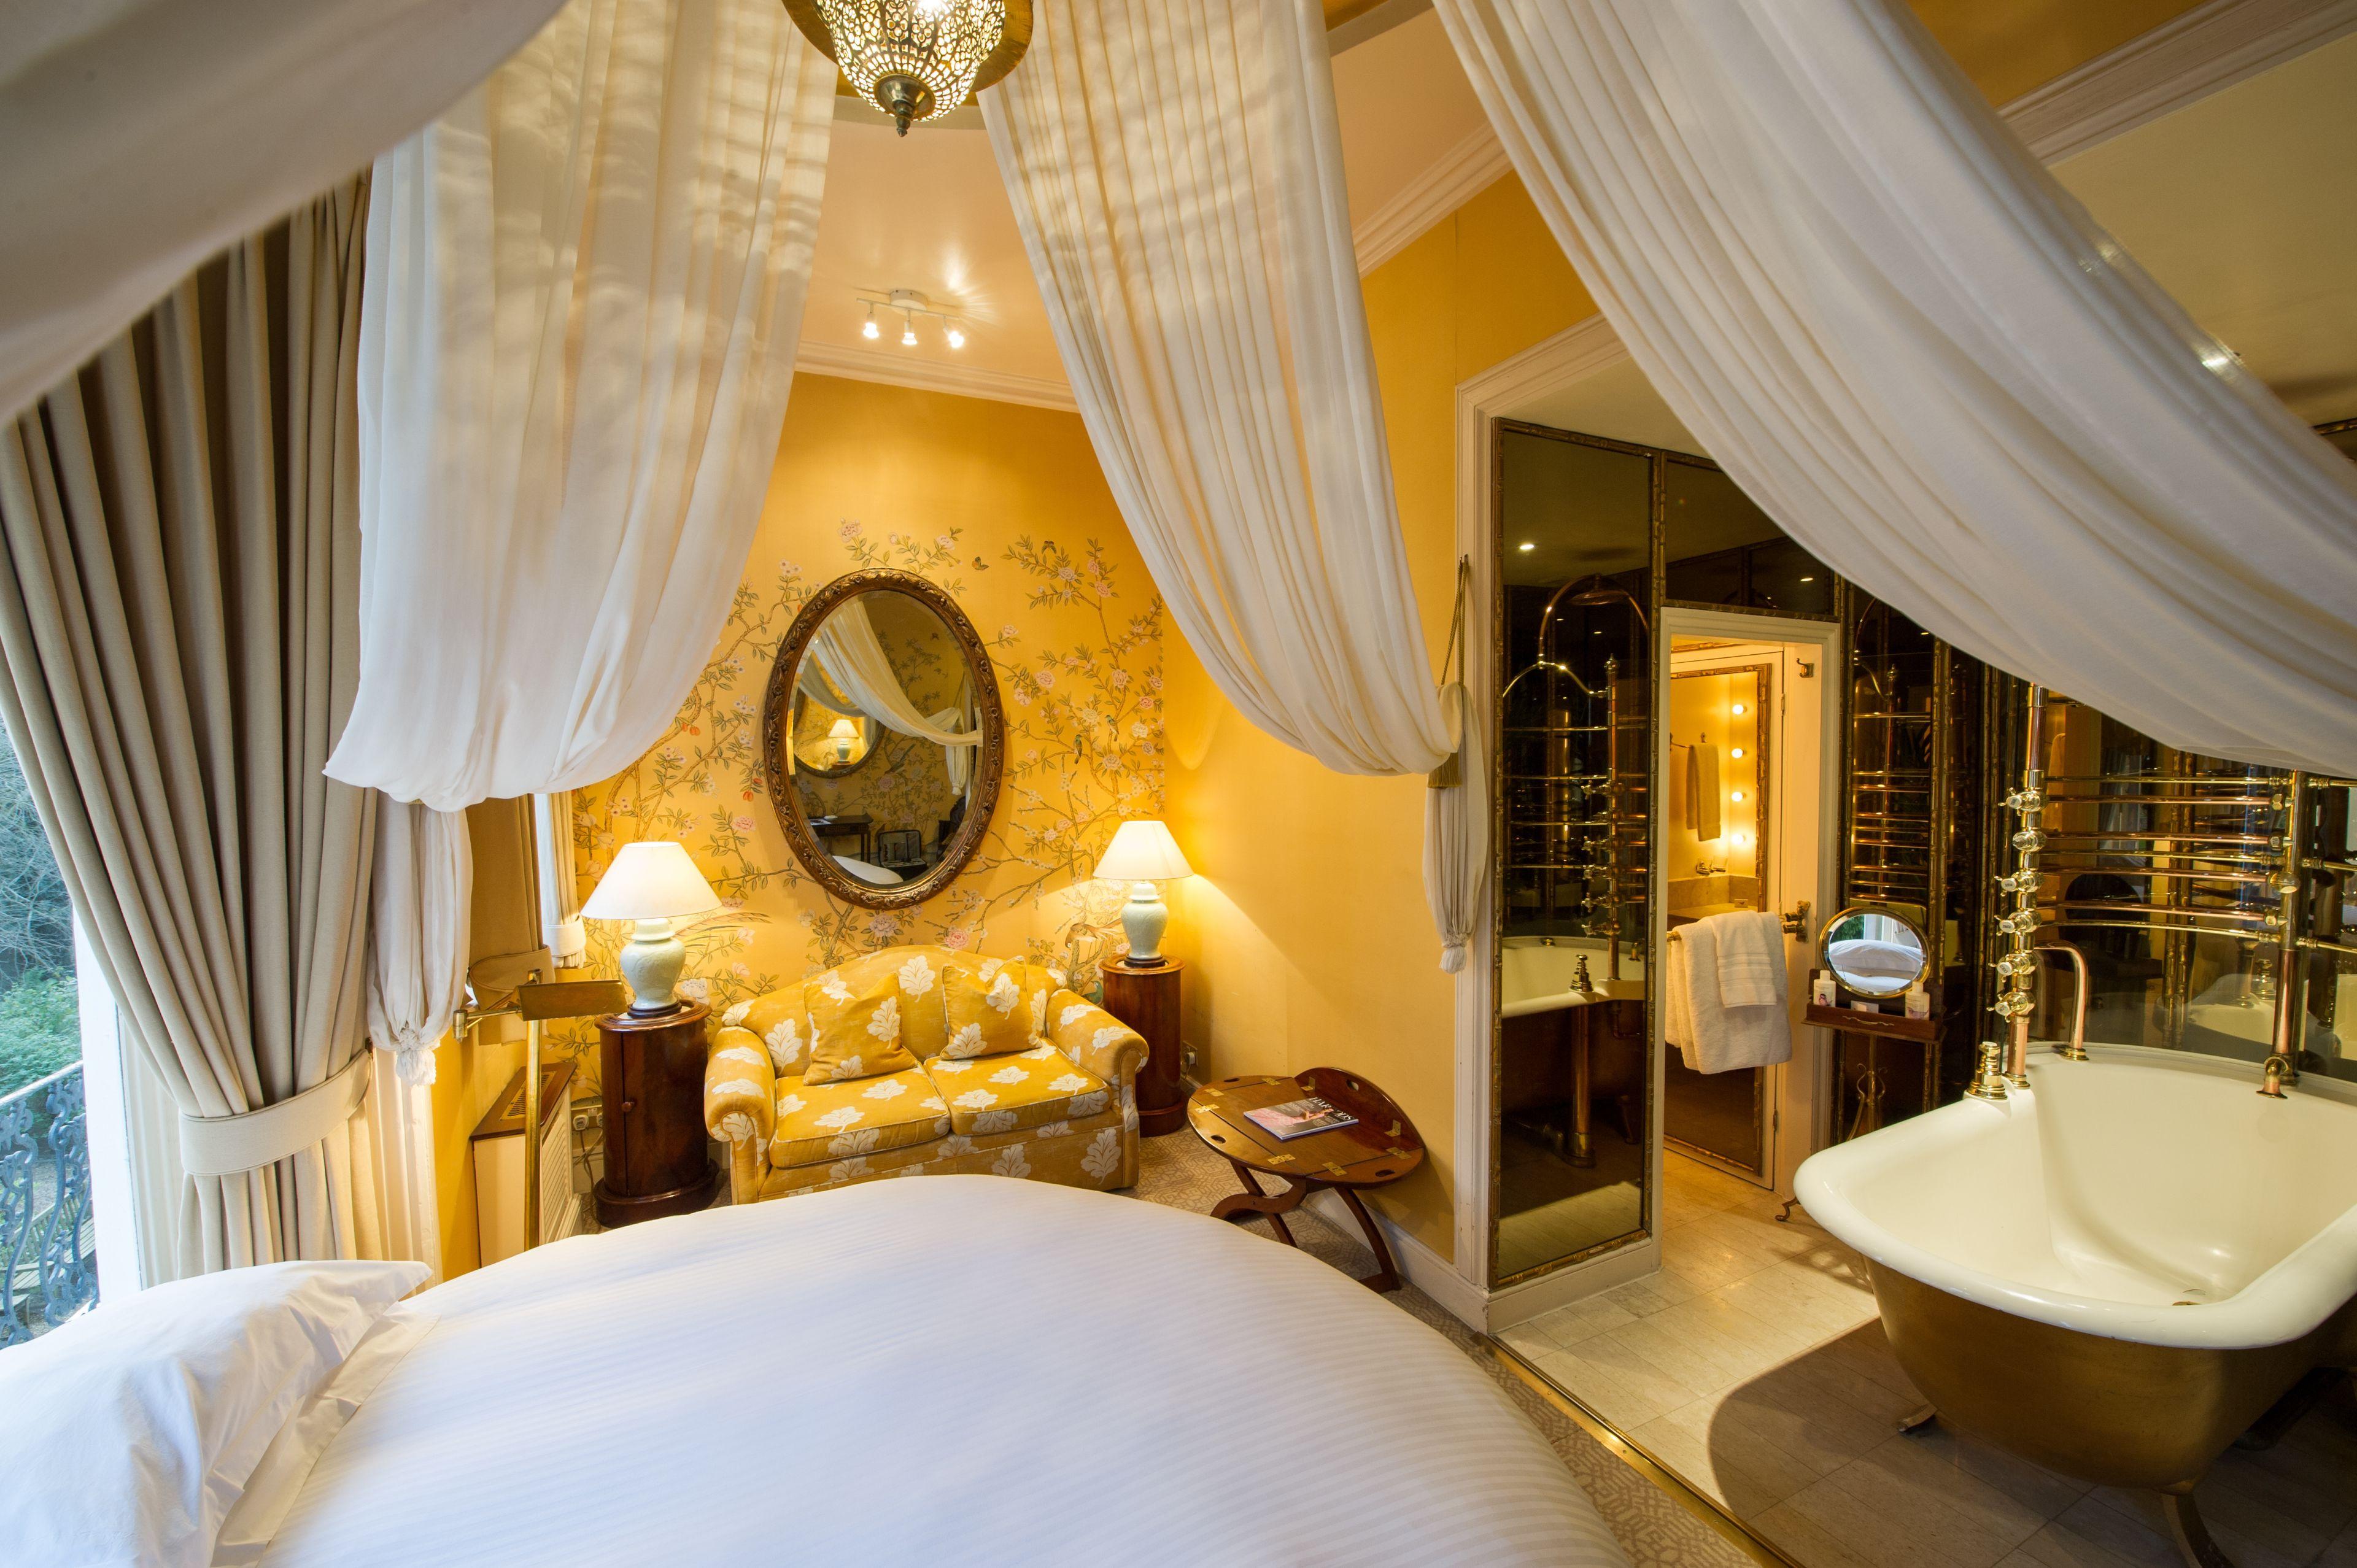 فندق ذا بورتوبيلو Portobello Hotel